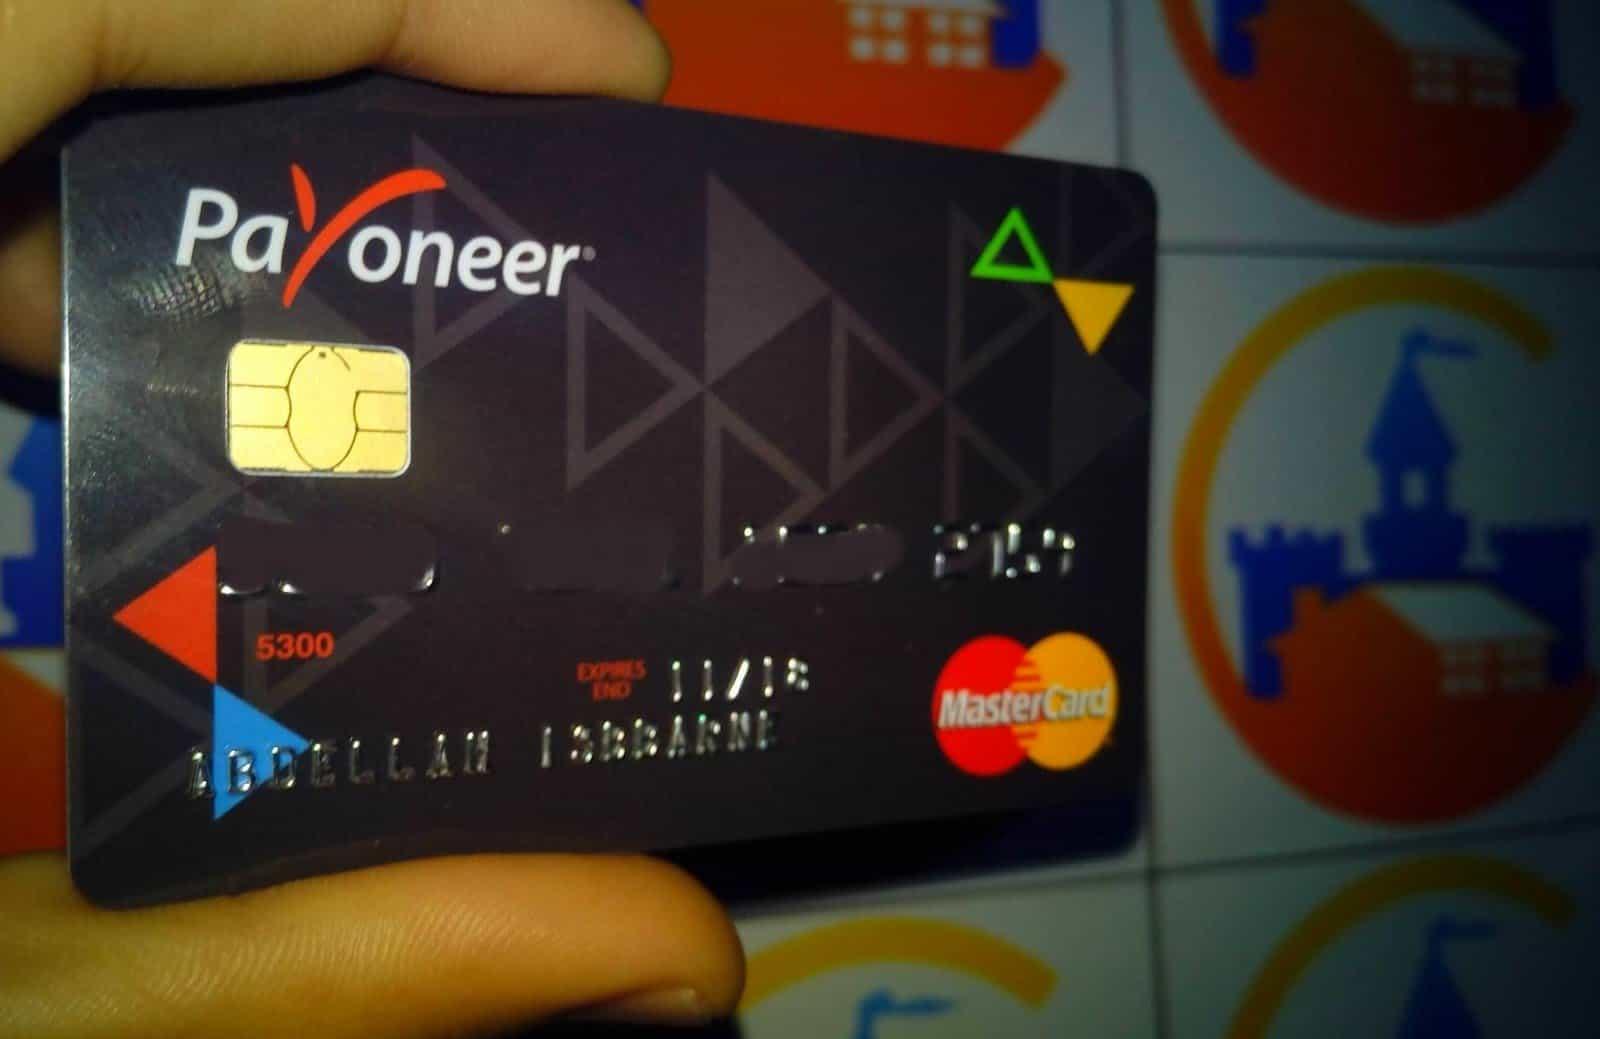 شرح التسجيل في بنك بايونير PAYONEER